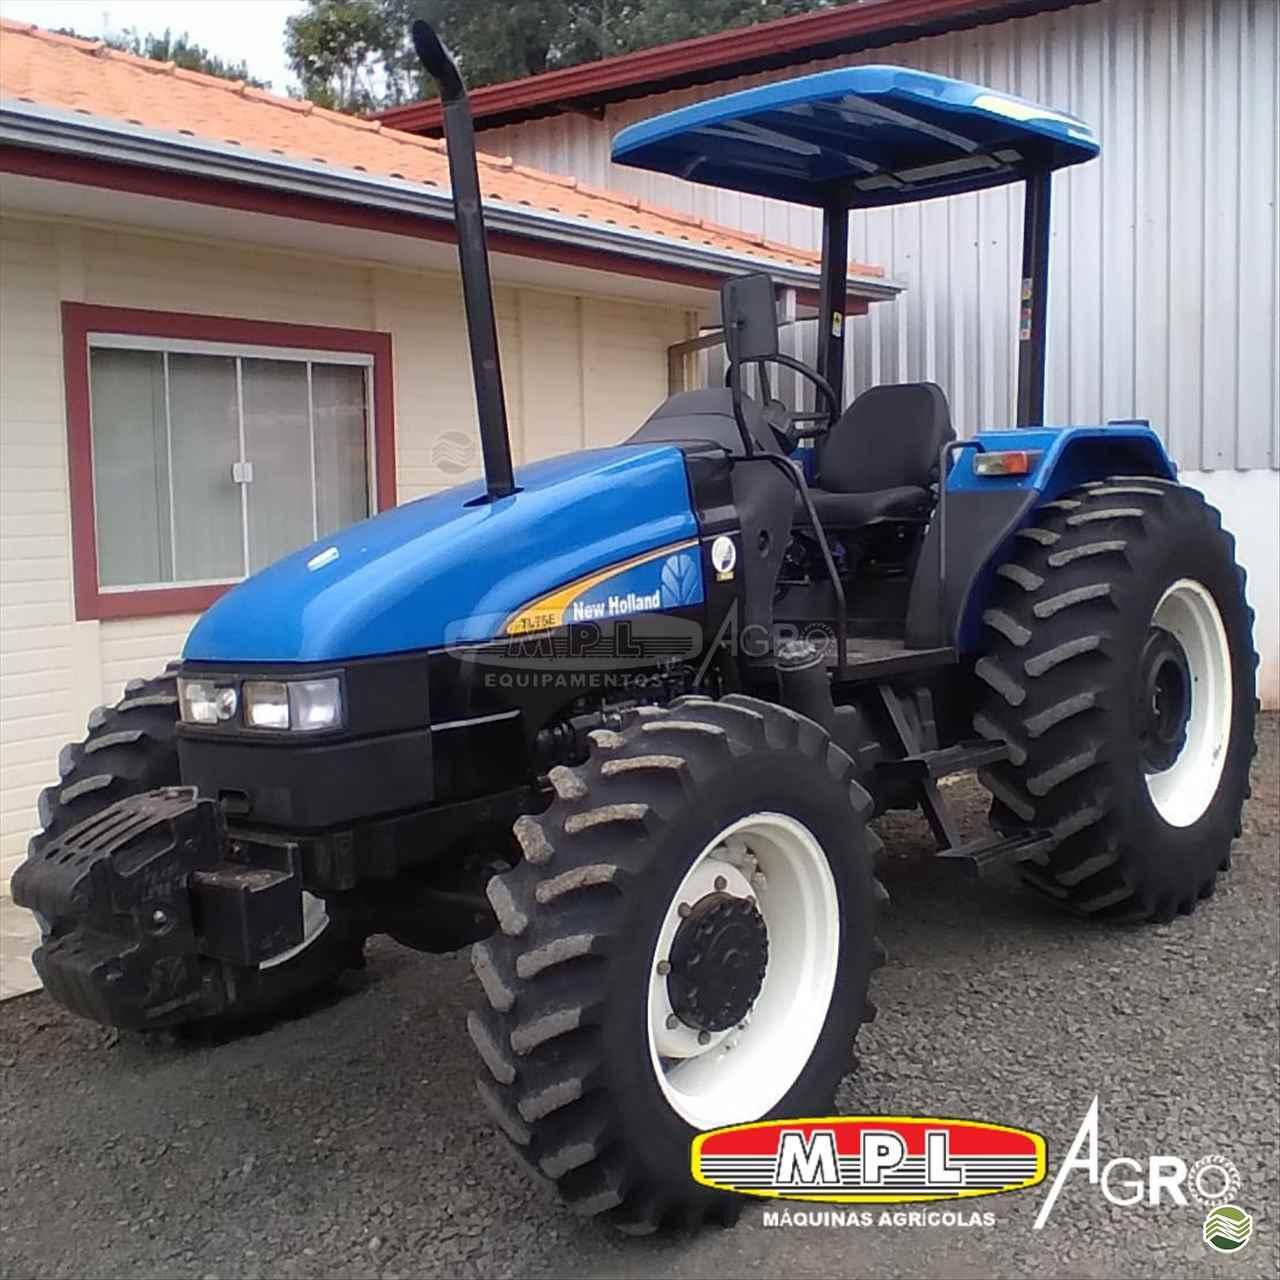 TRATOR NEW HOLLAND NEW TL 75 Tração 4x4 MPL Agro - Máquinas Agrícolas IRATI PARANÁ PR